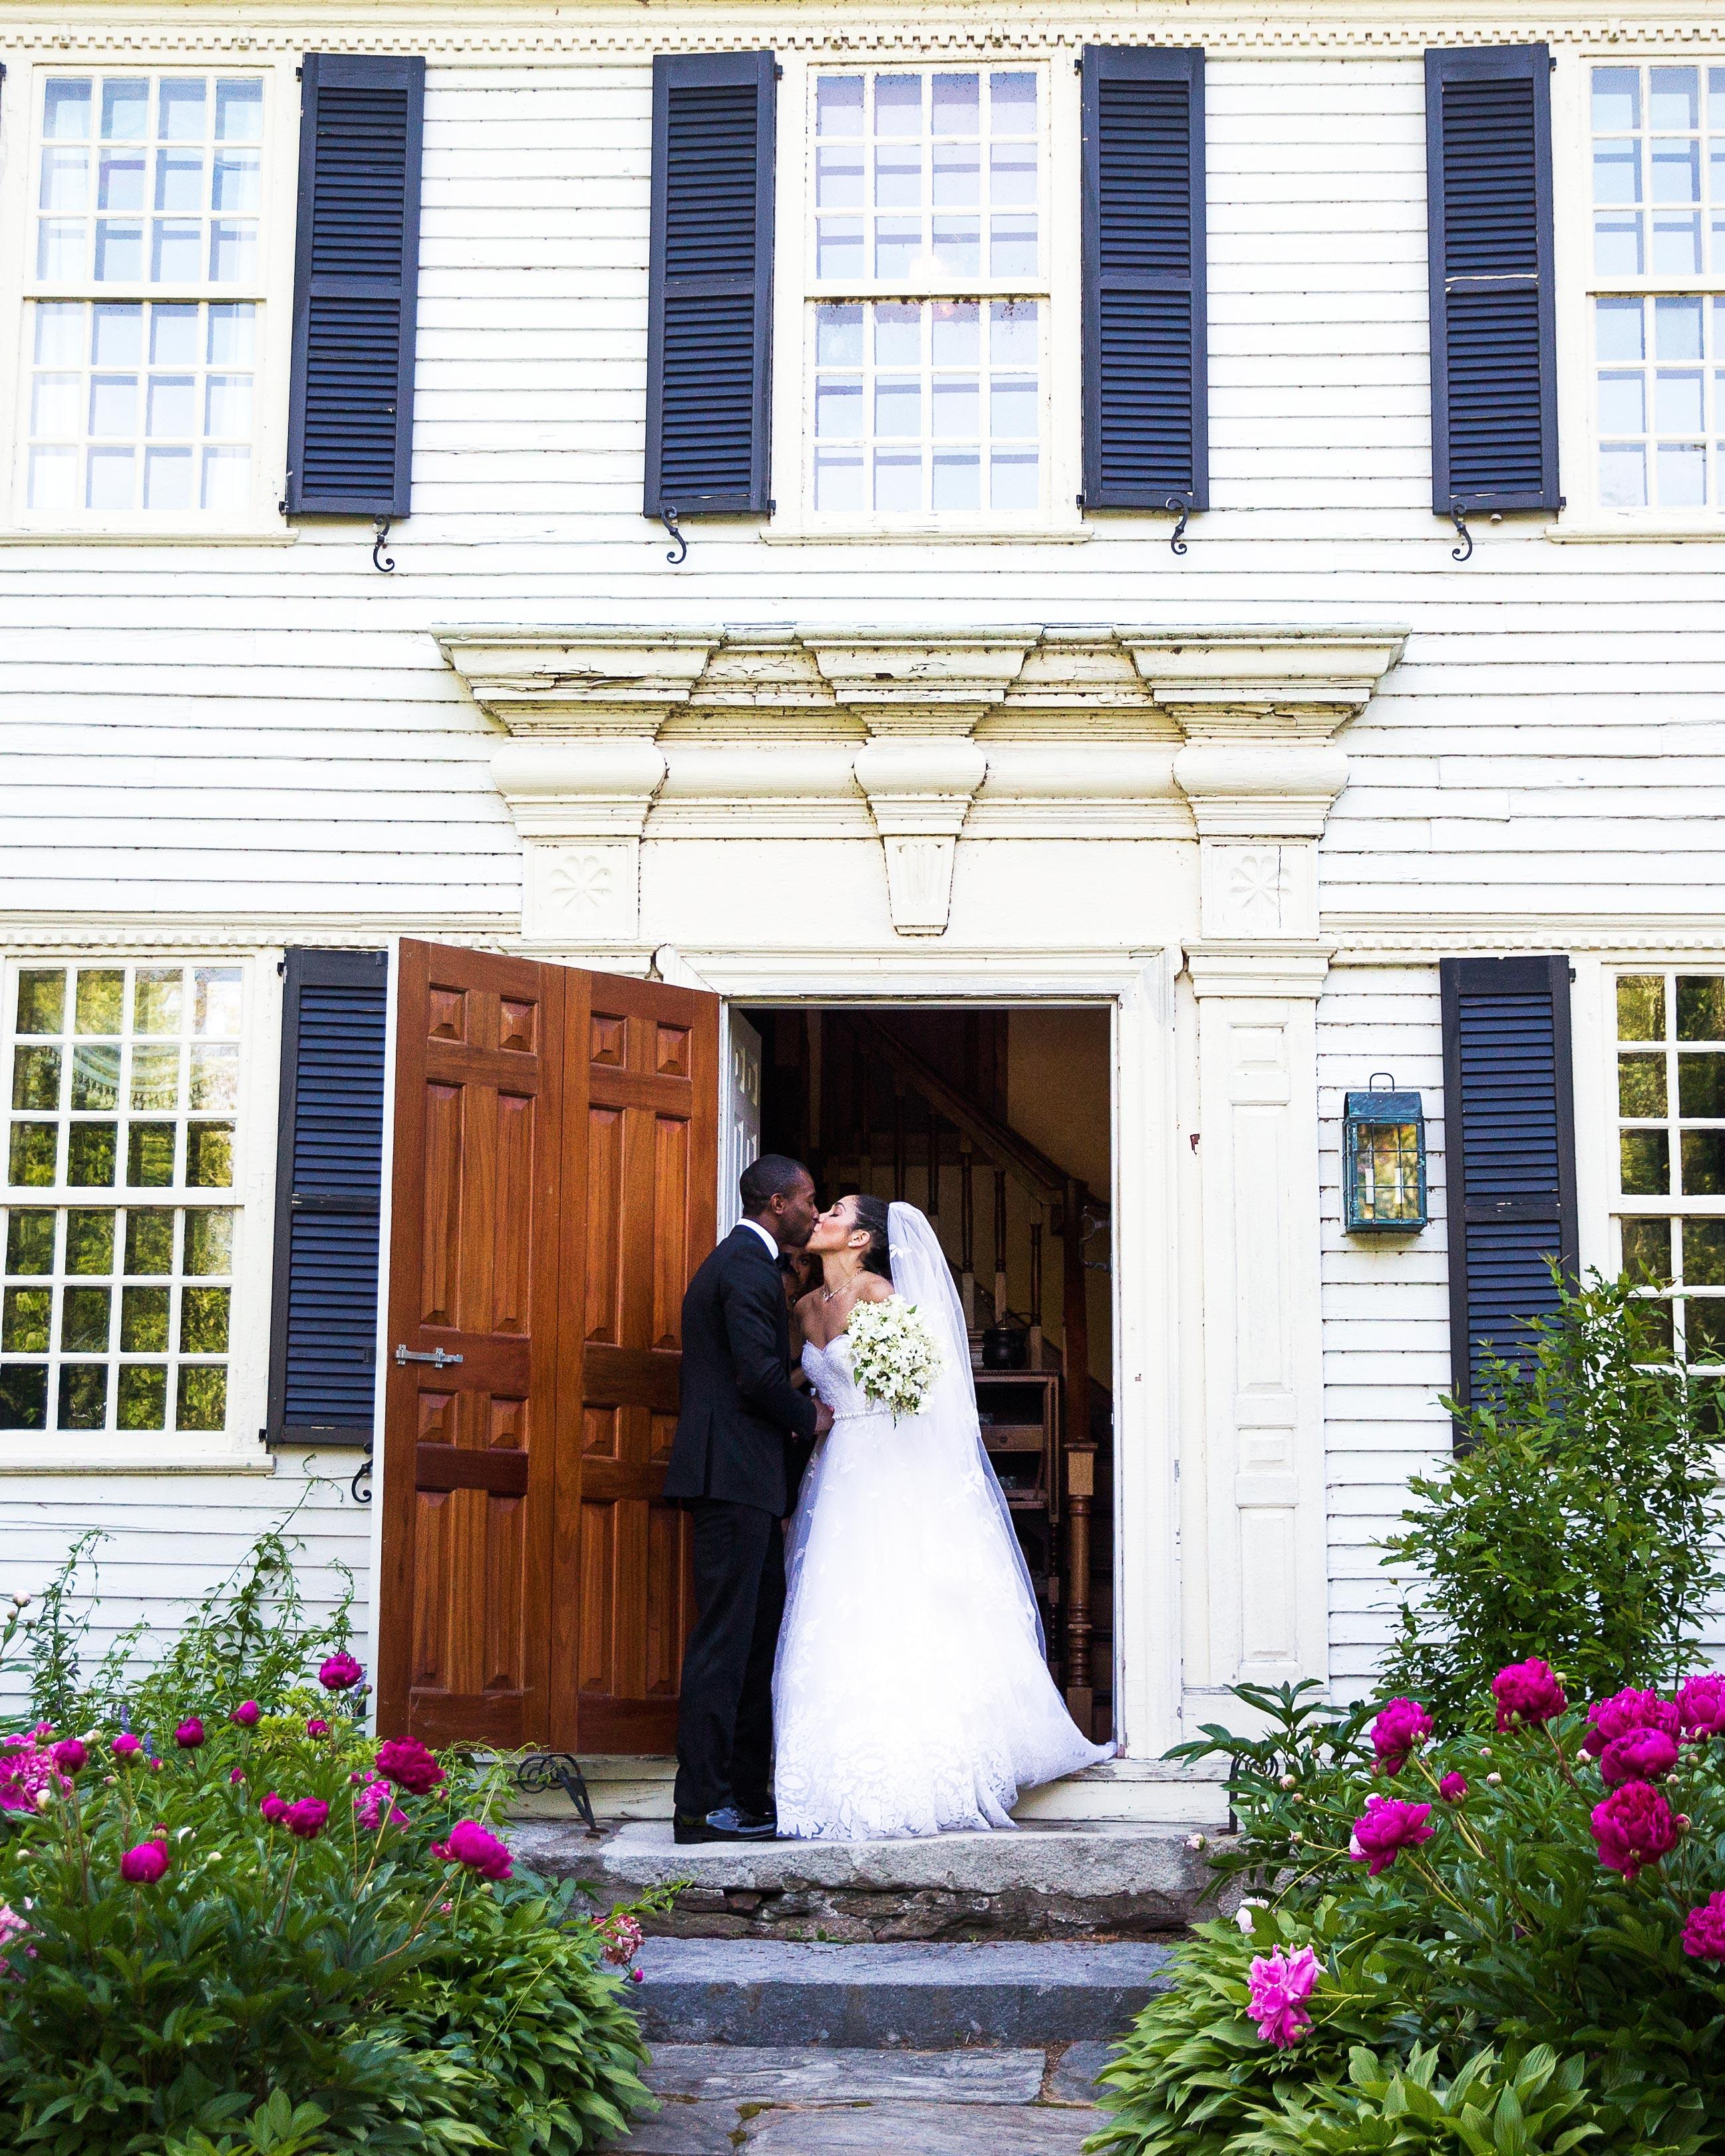 honor-jay-wedding-connecticut-couple-kiss-0913-d112238.jpg